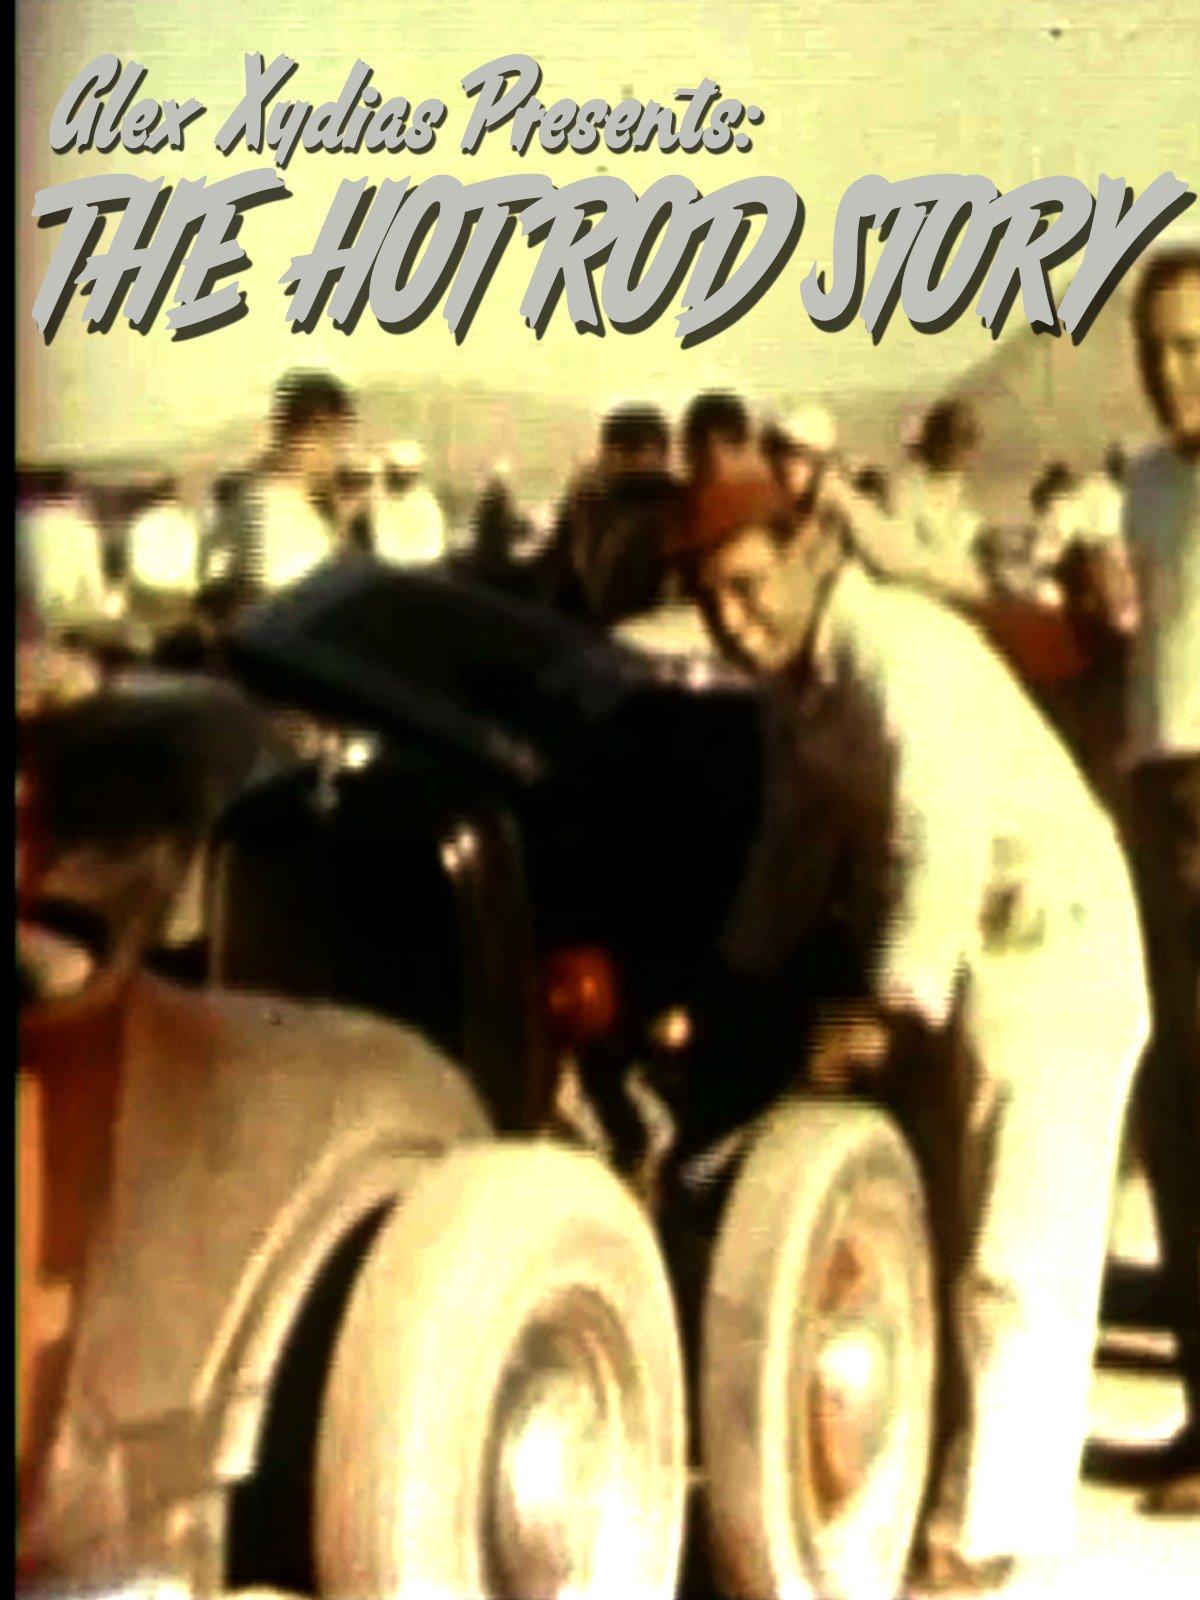 Alex Xydias Presents: The Hot Rod Story